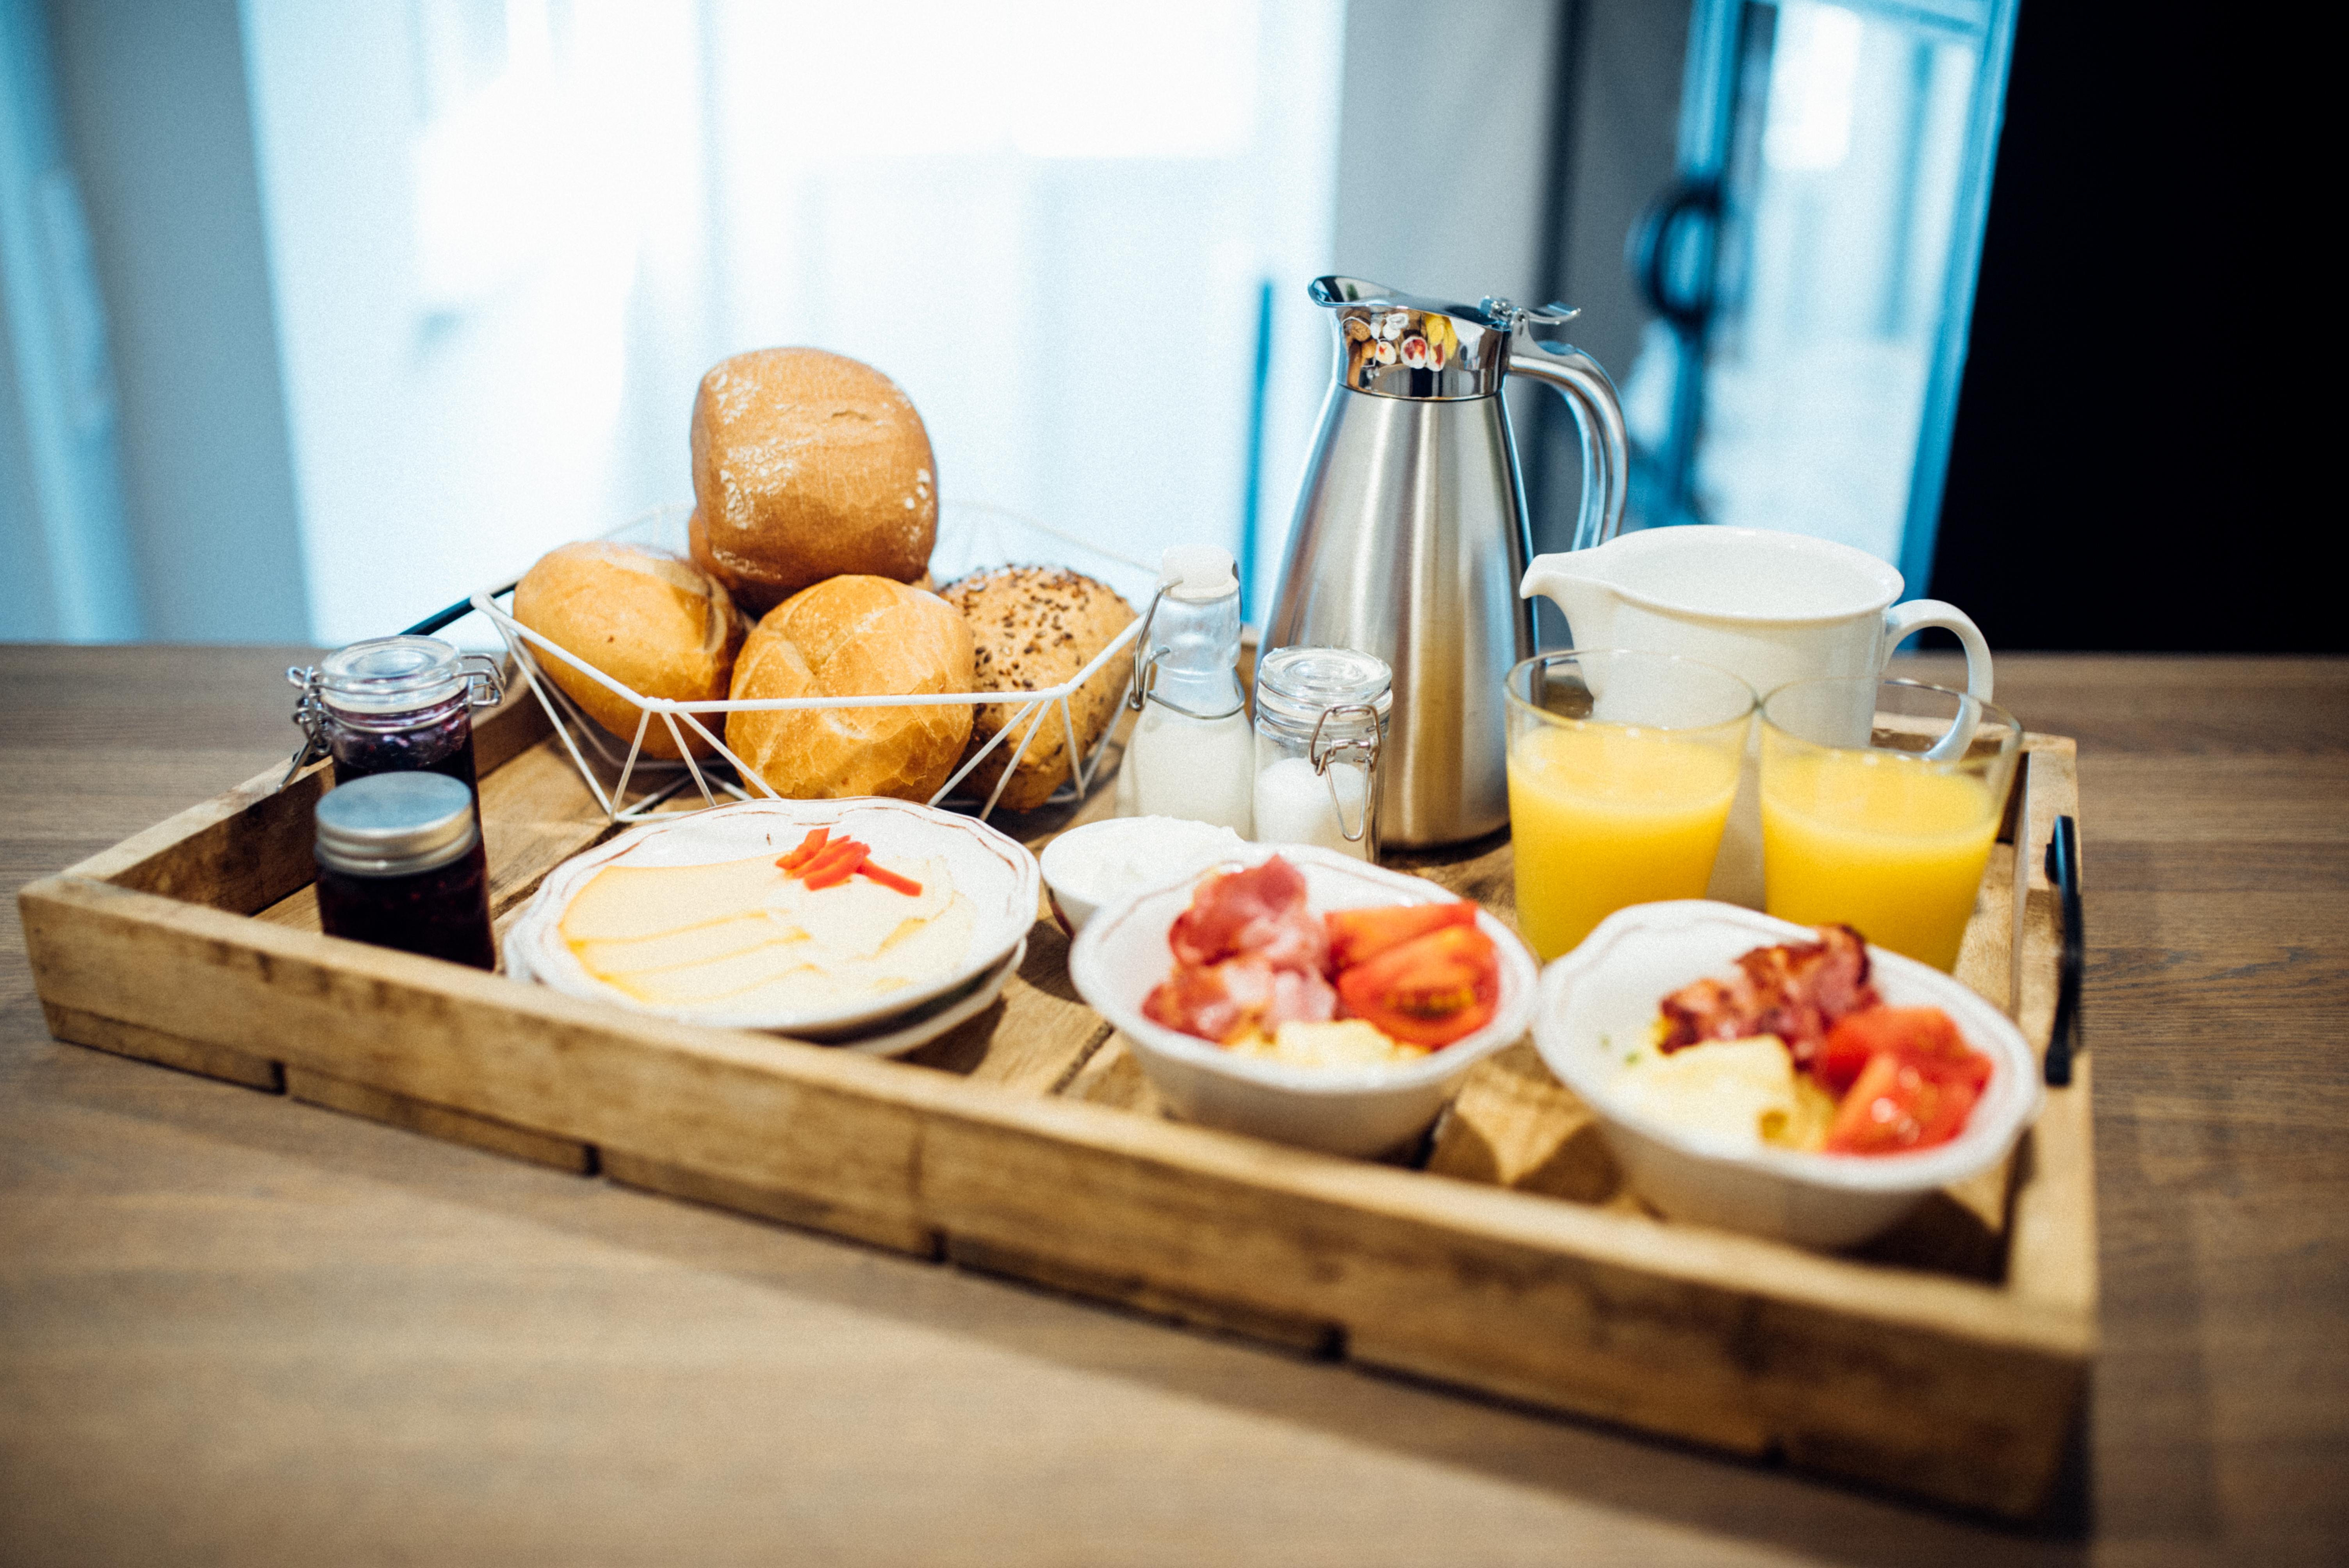 Frühstück in der Suite im Hotel Tweed